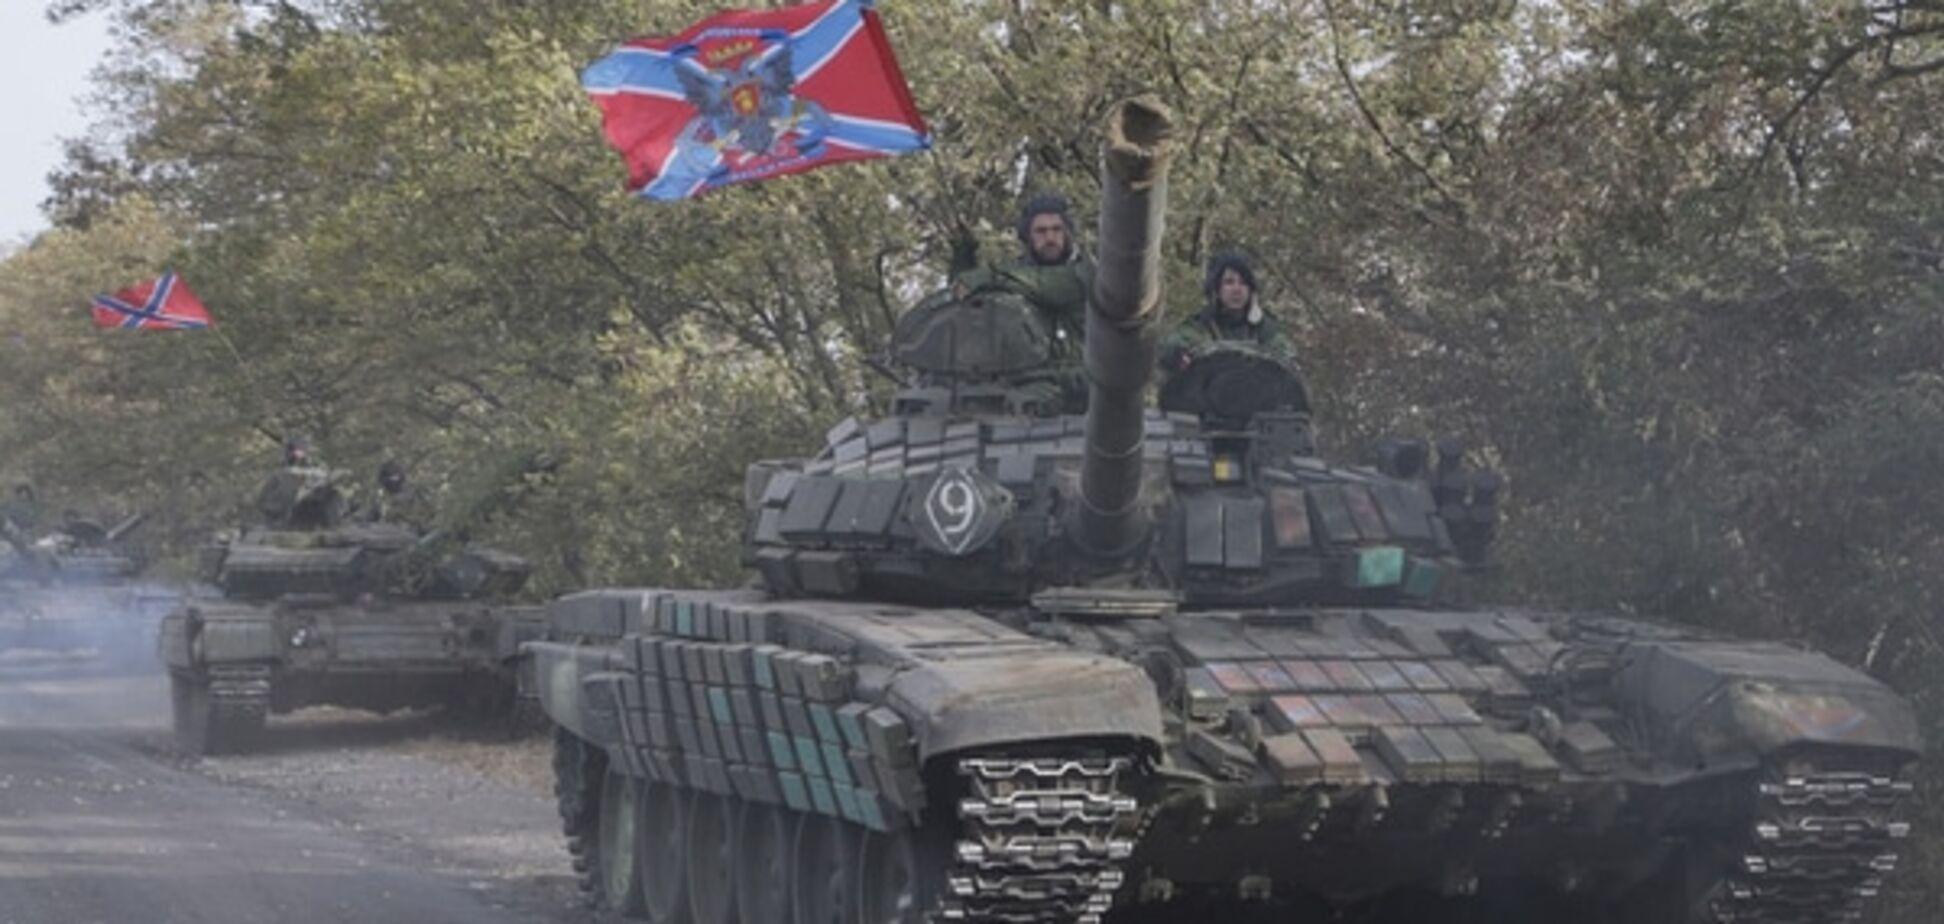 Перемир'я порушено, Донецьк здригається від потужних вибухів. Опубліковано мапу